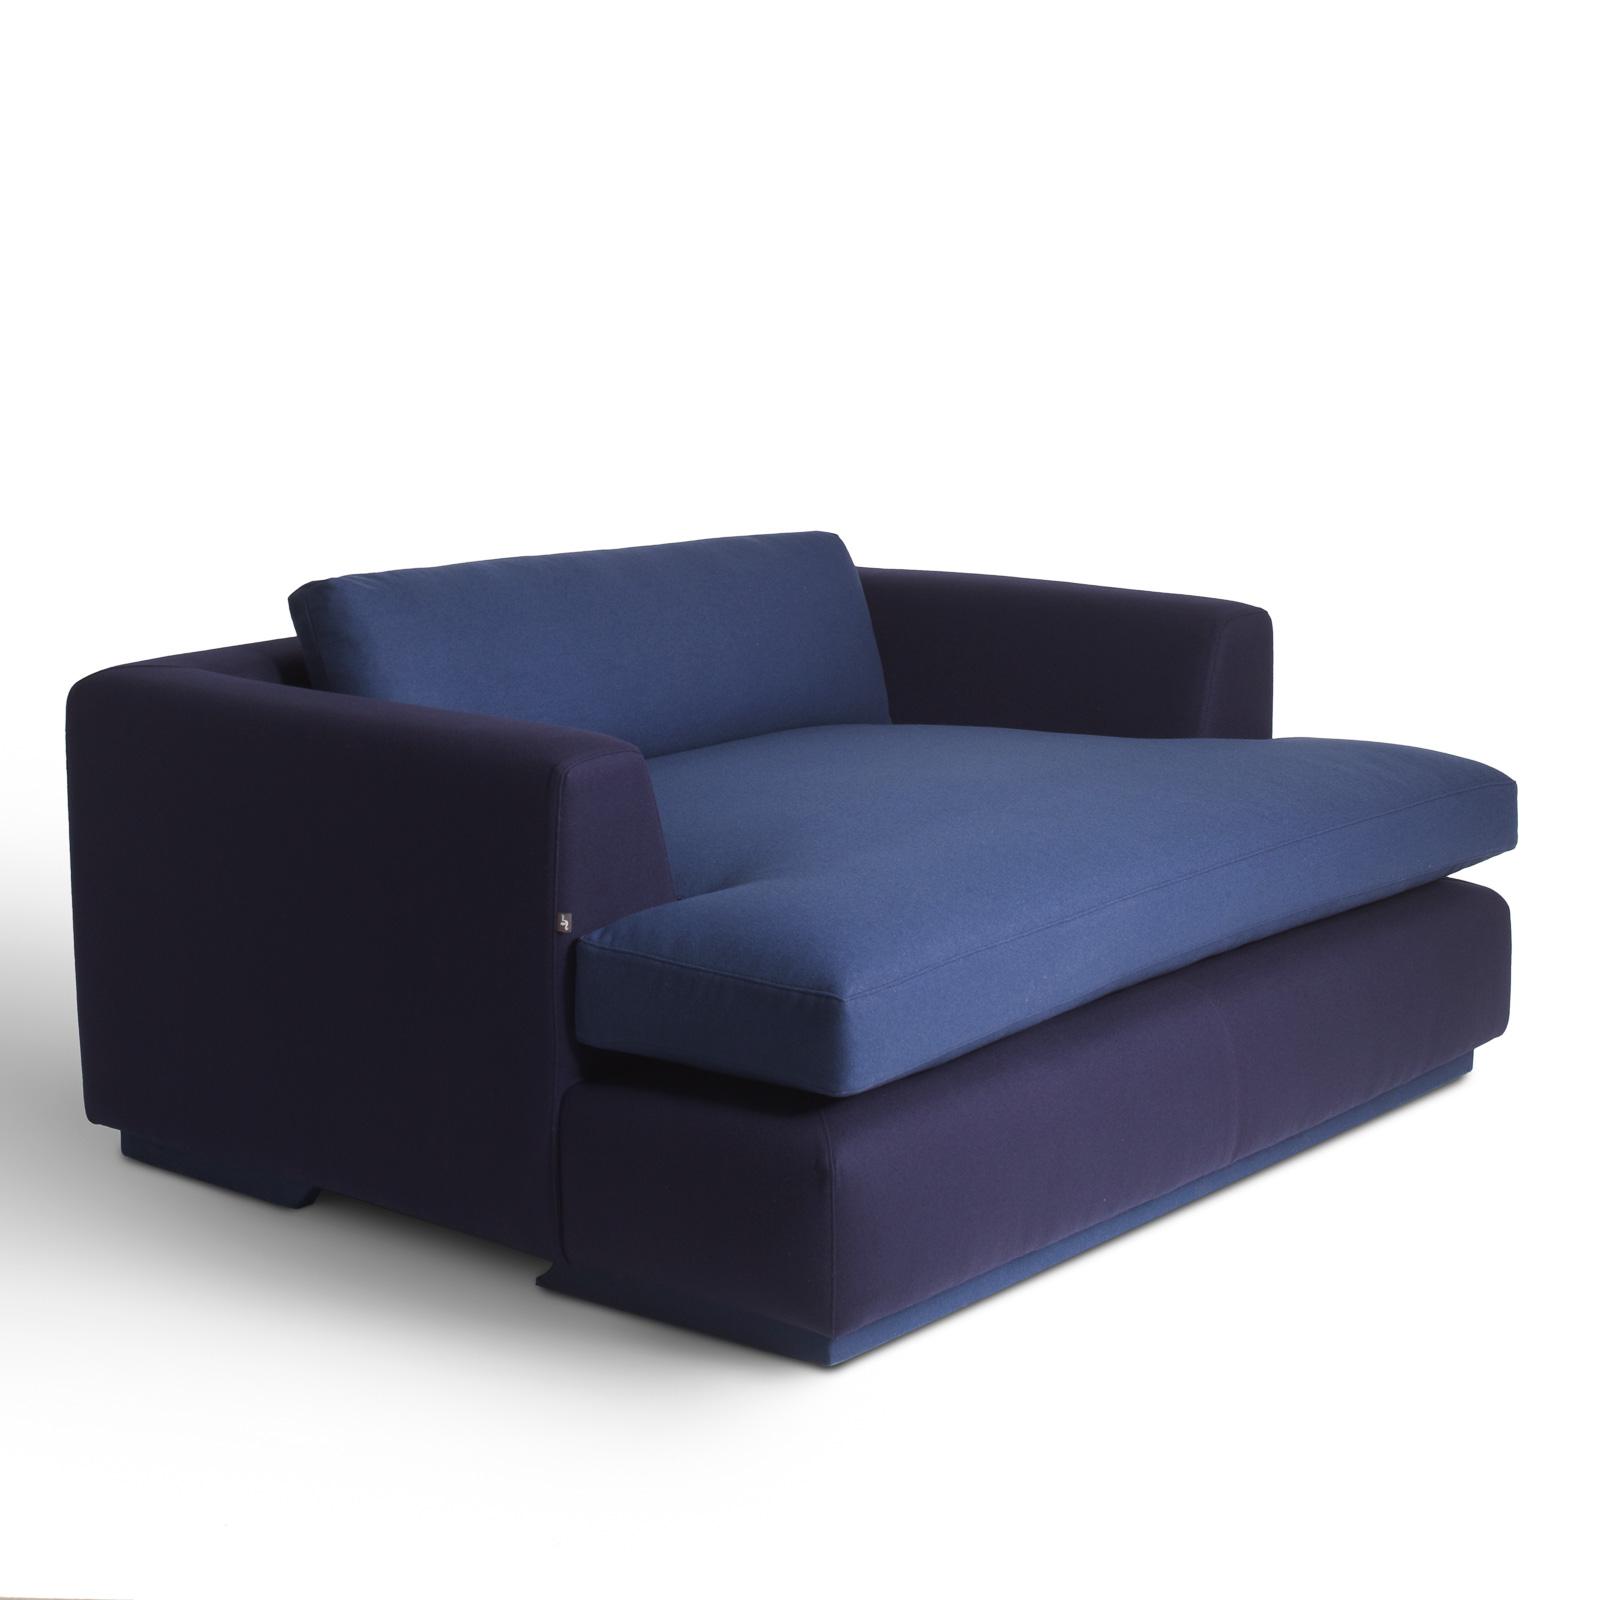 Armchair from Cube Armchair